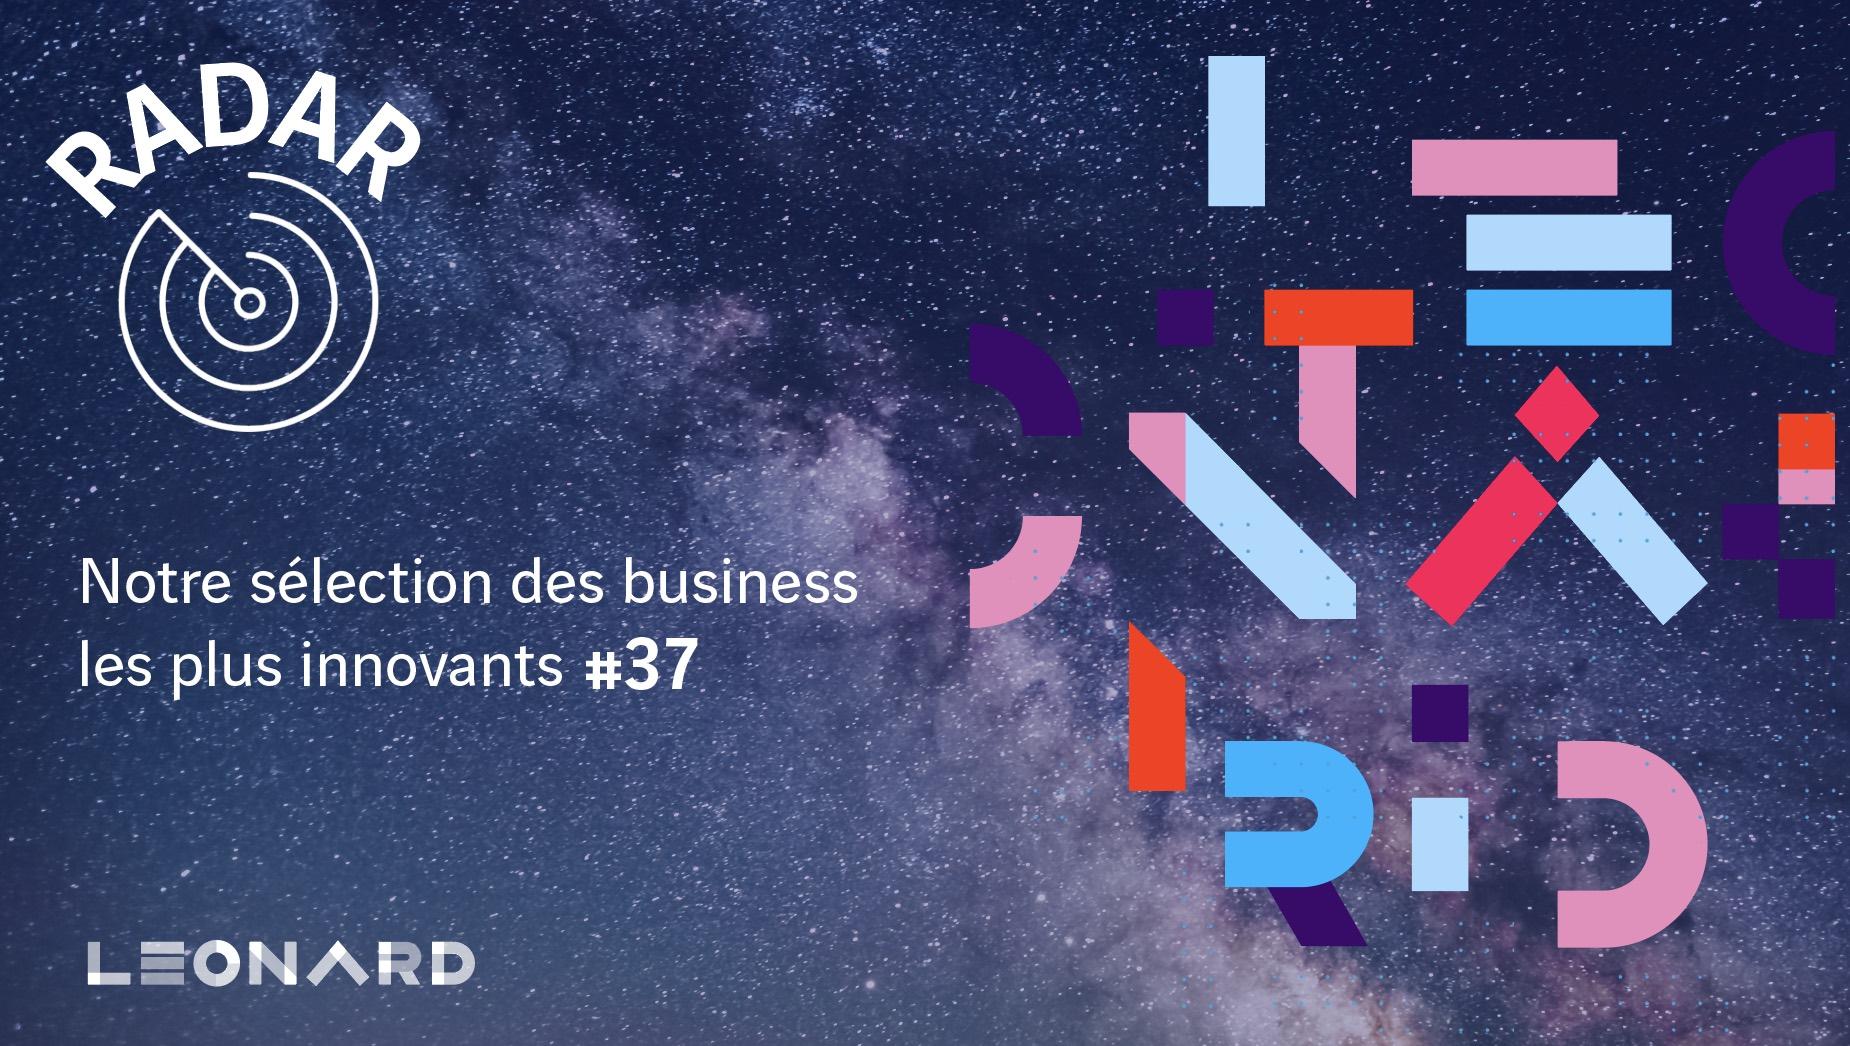 Radar – Notre sélection de business innovants #37